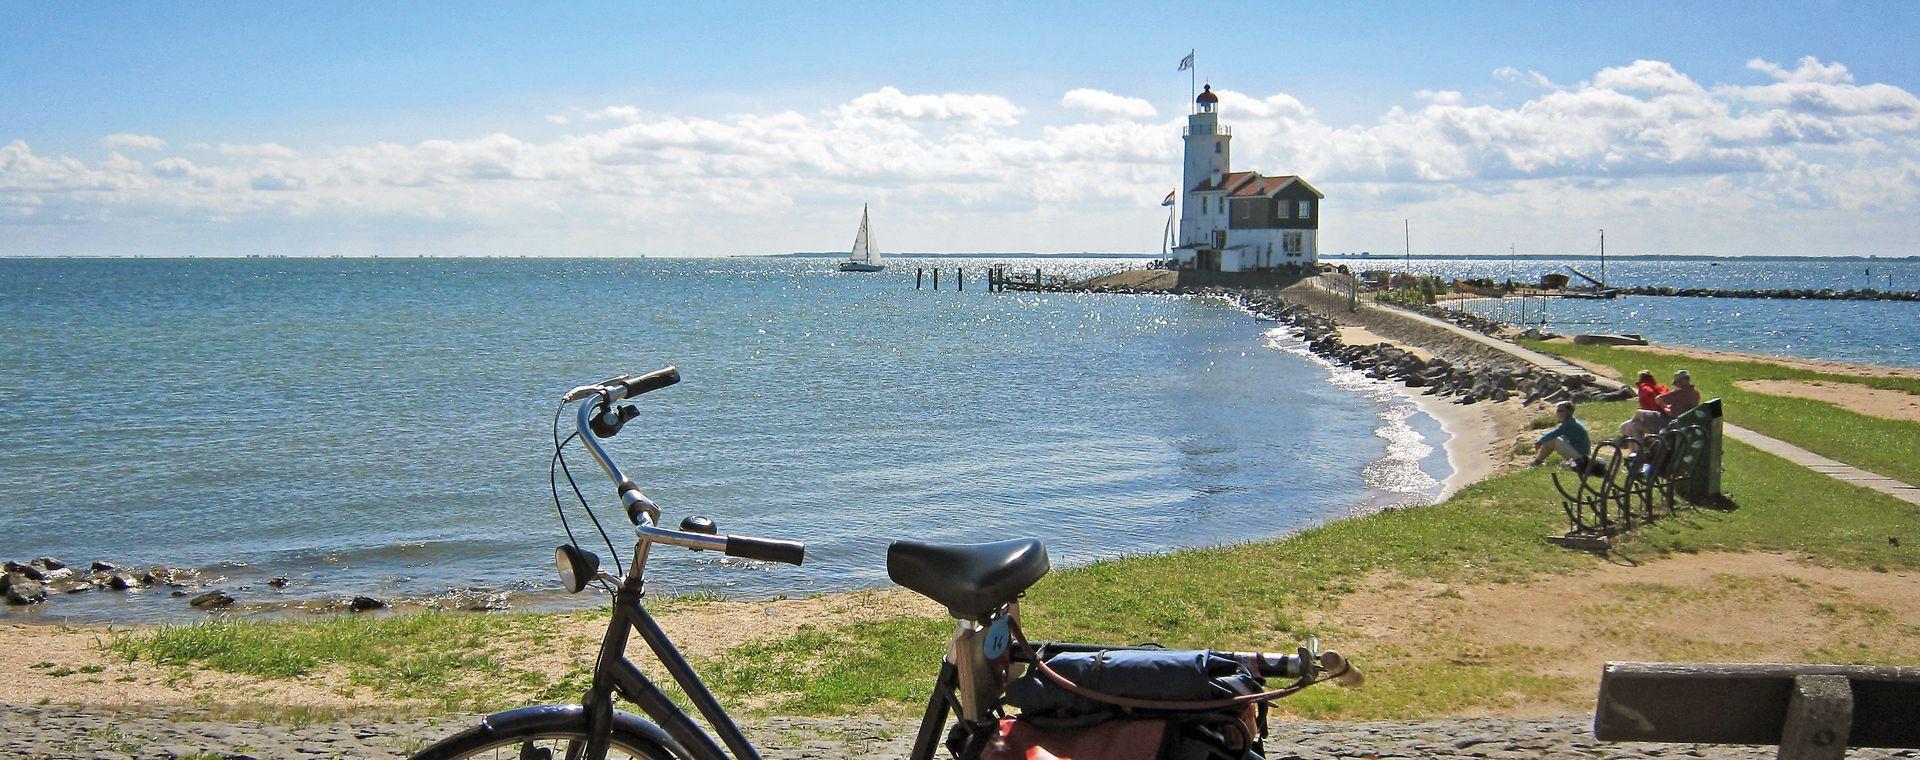 Image La Route du nord de la Hollande à vélo et bateau